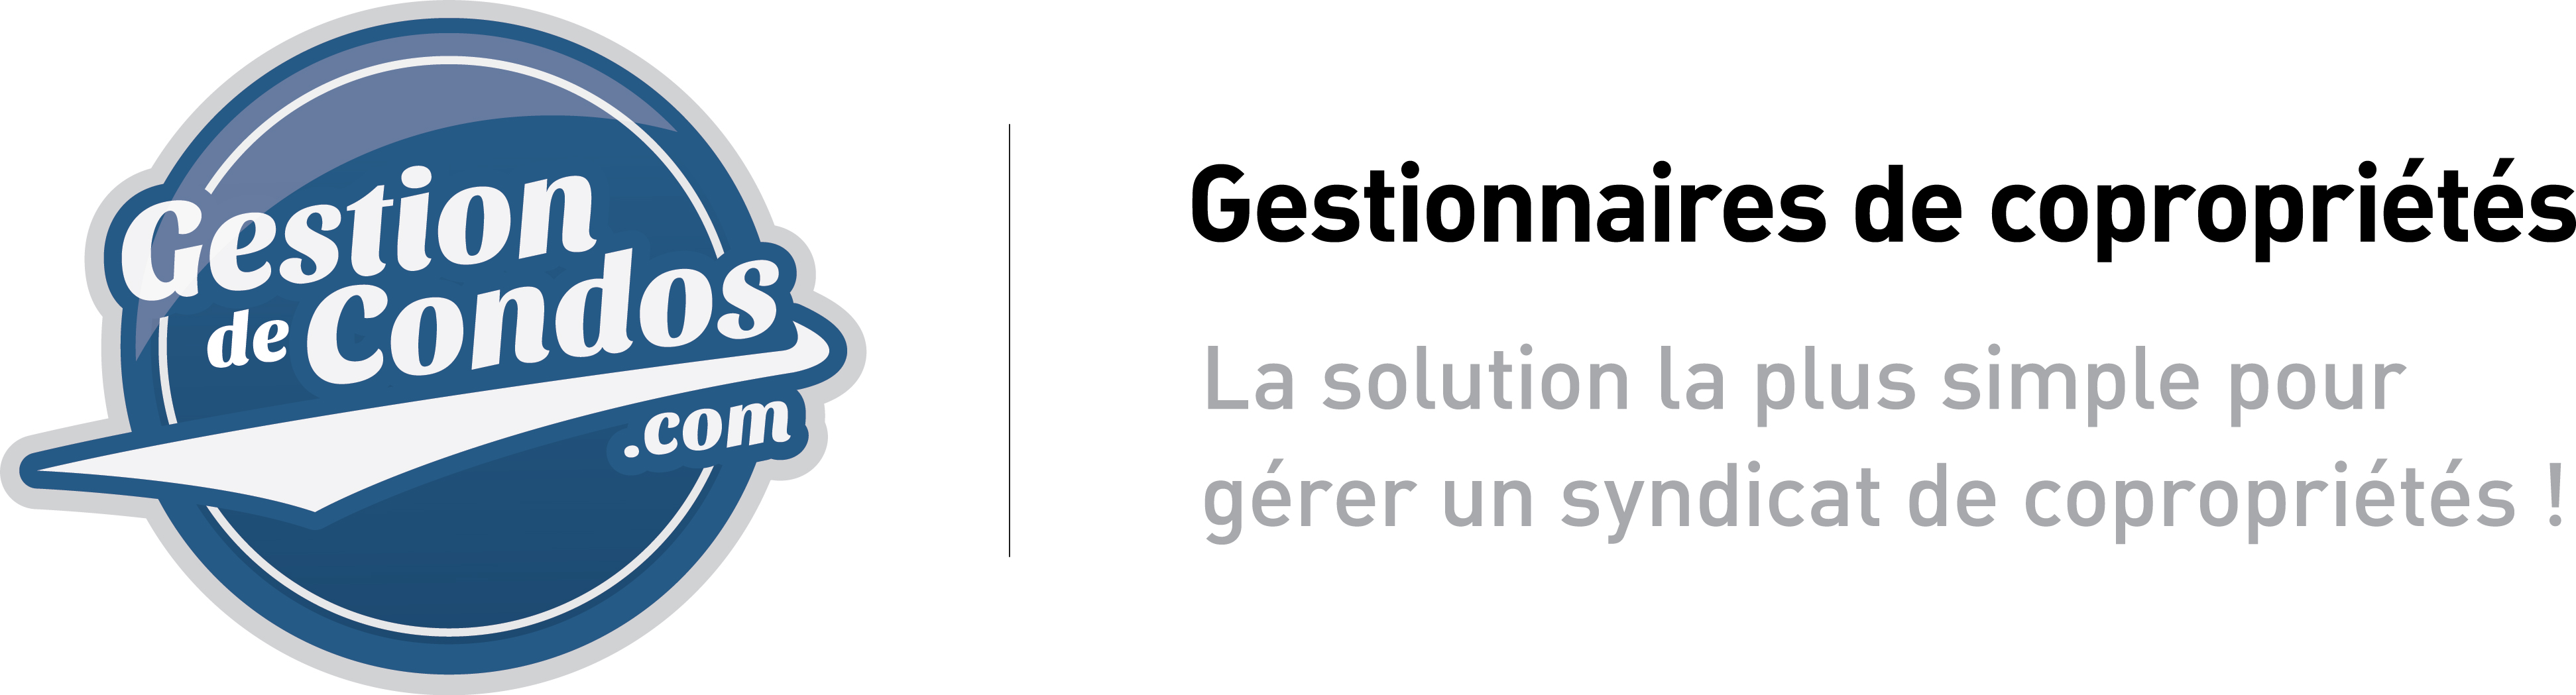 GestionDeCondos.com, gestionnaires de syndicats de copropriétés